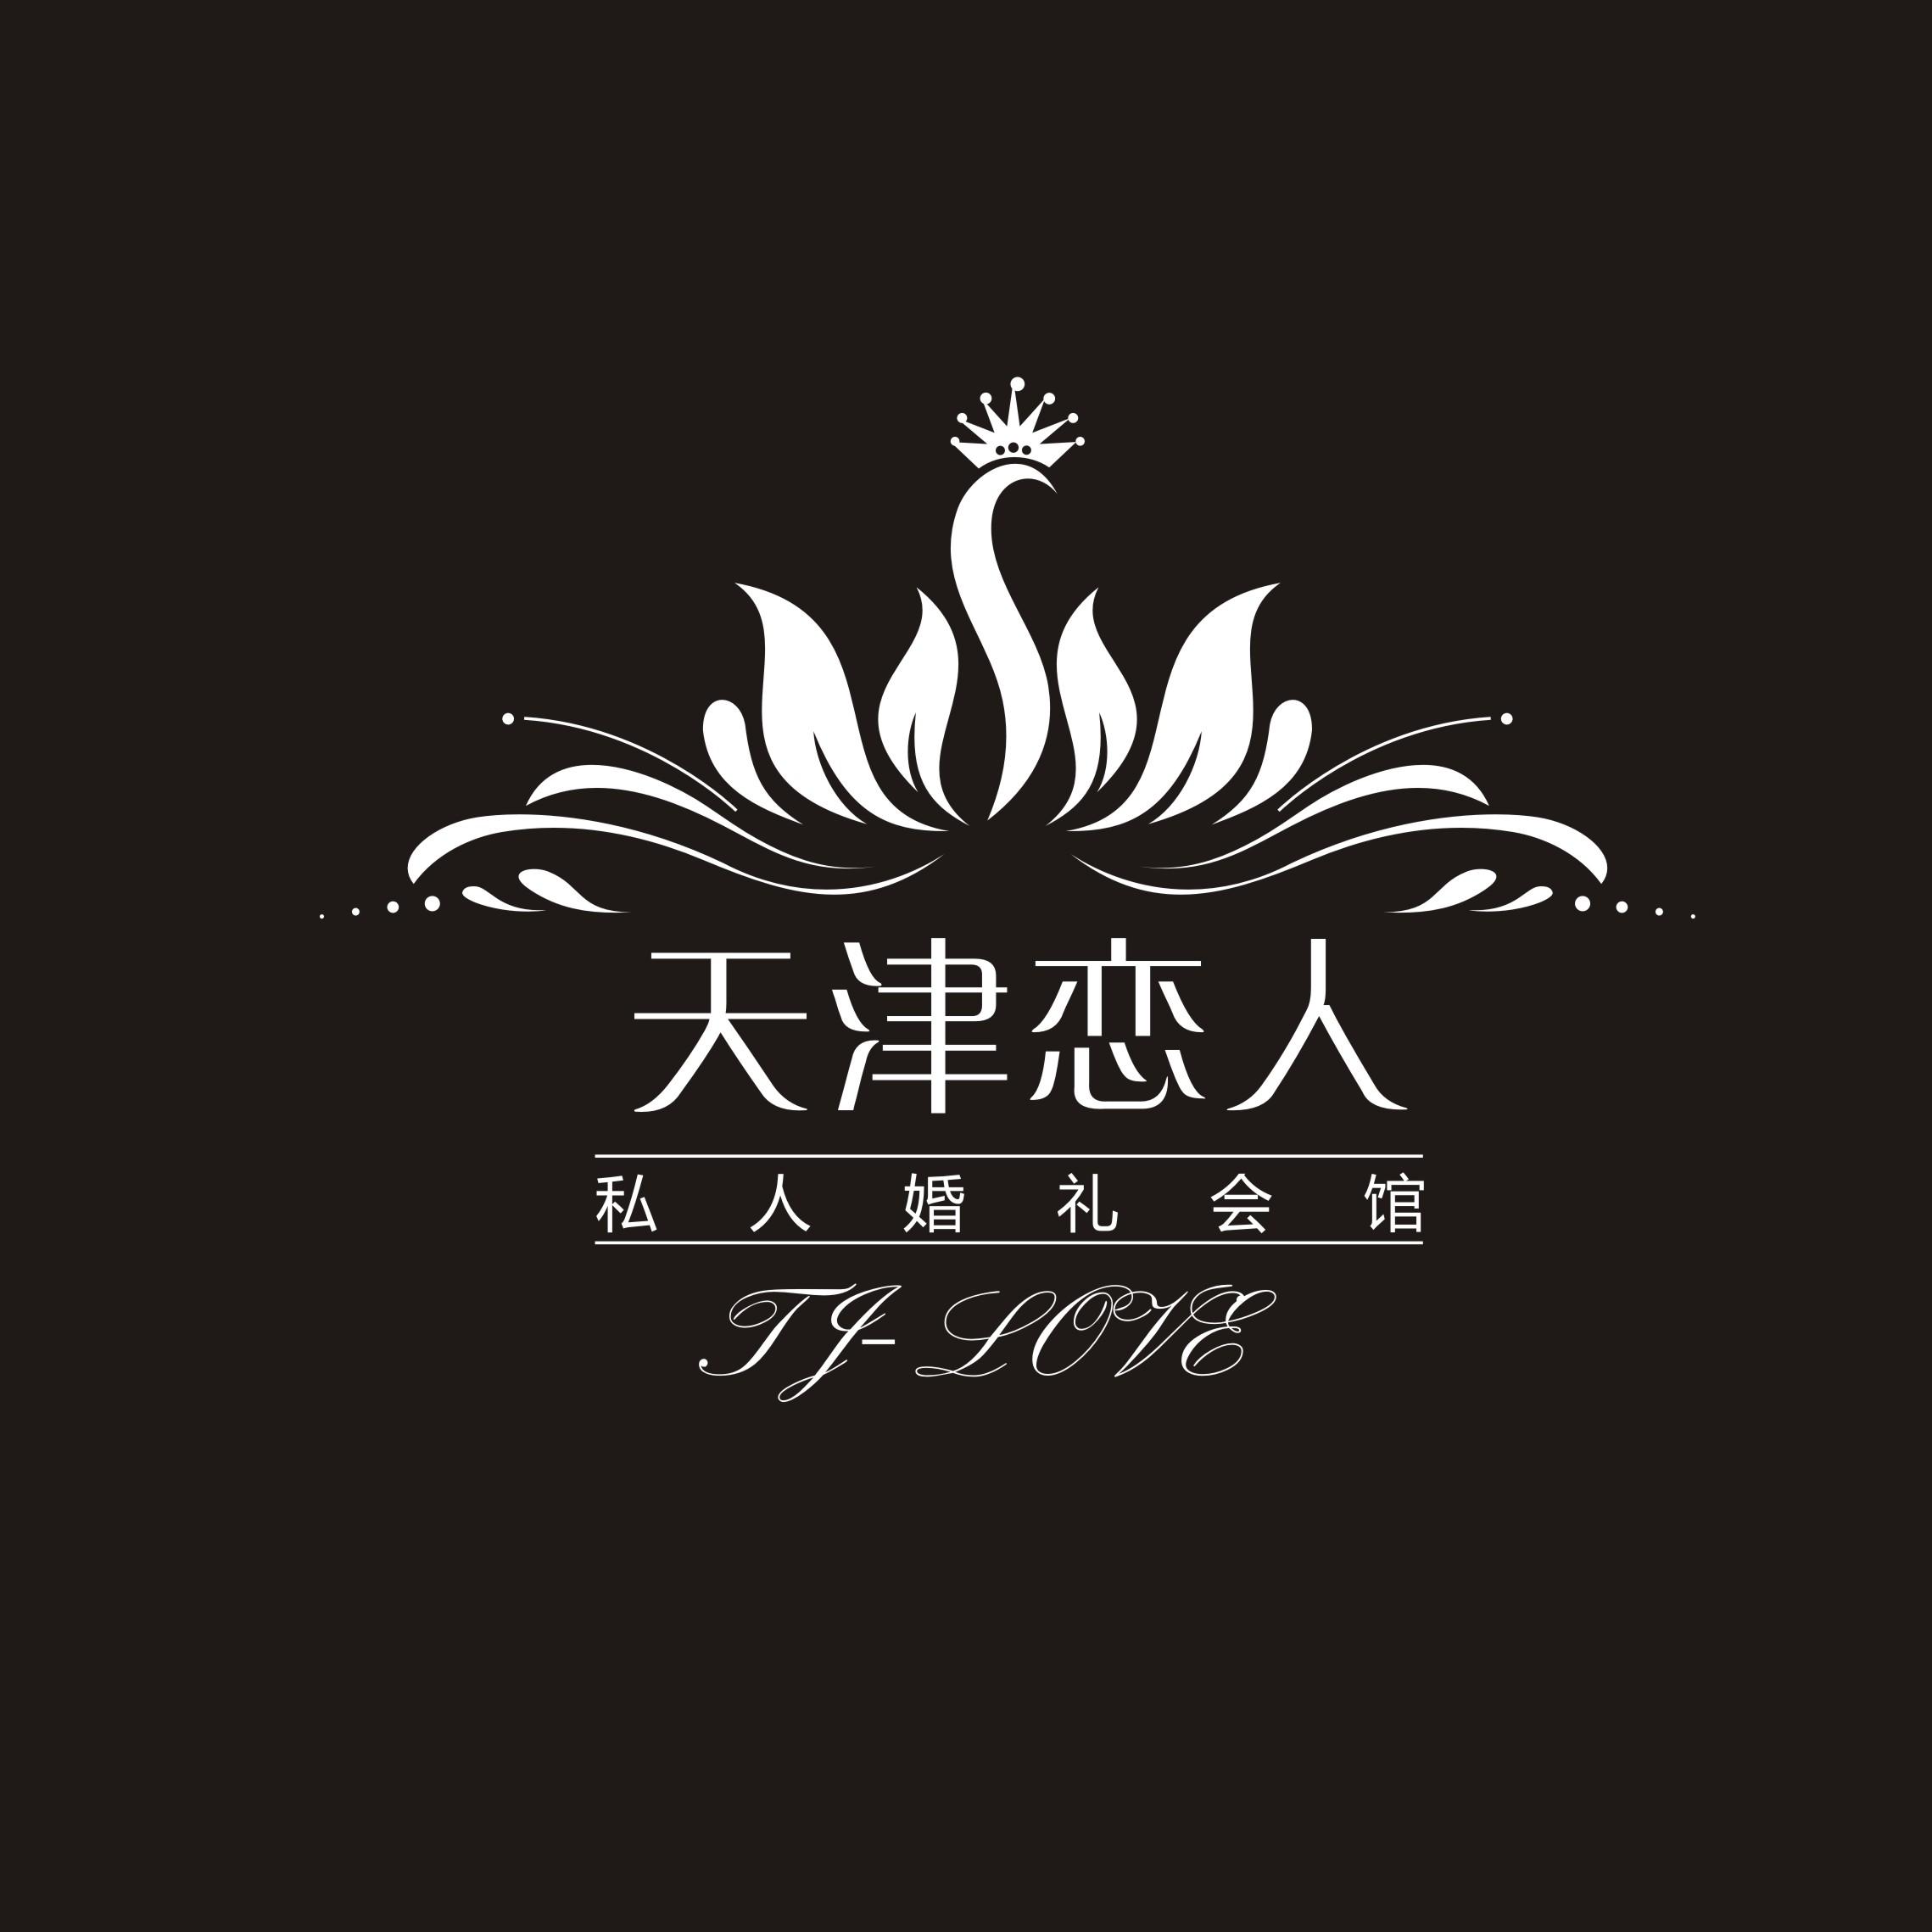 天津恋人私人婚礼会馆